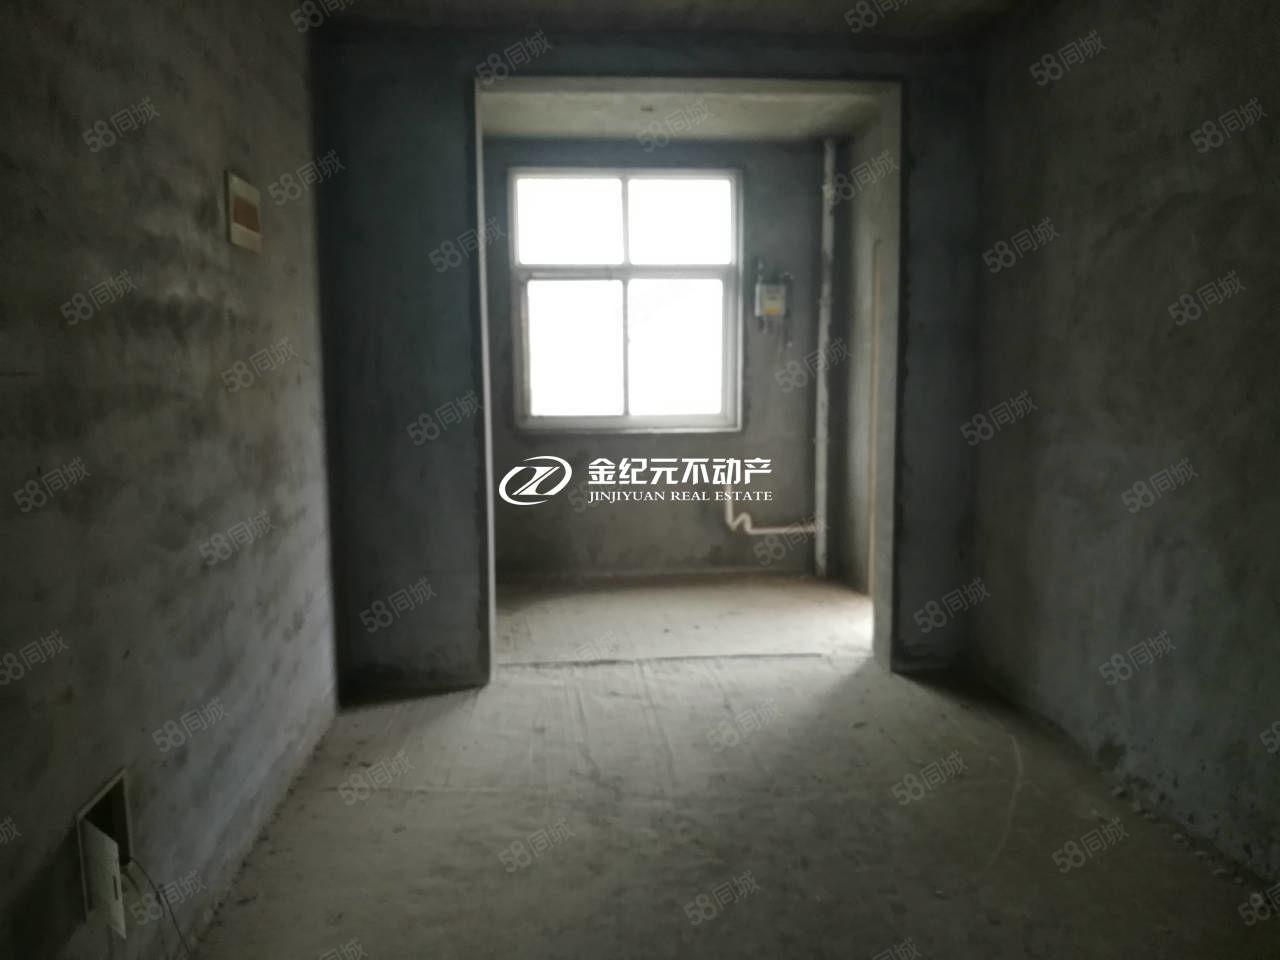 华豫溪谷大产权可过户首付低观景楼层电梯房